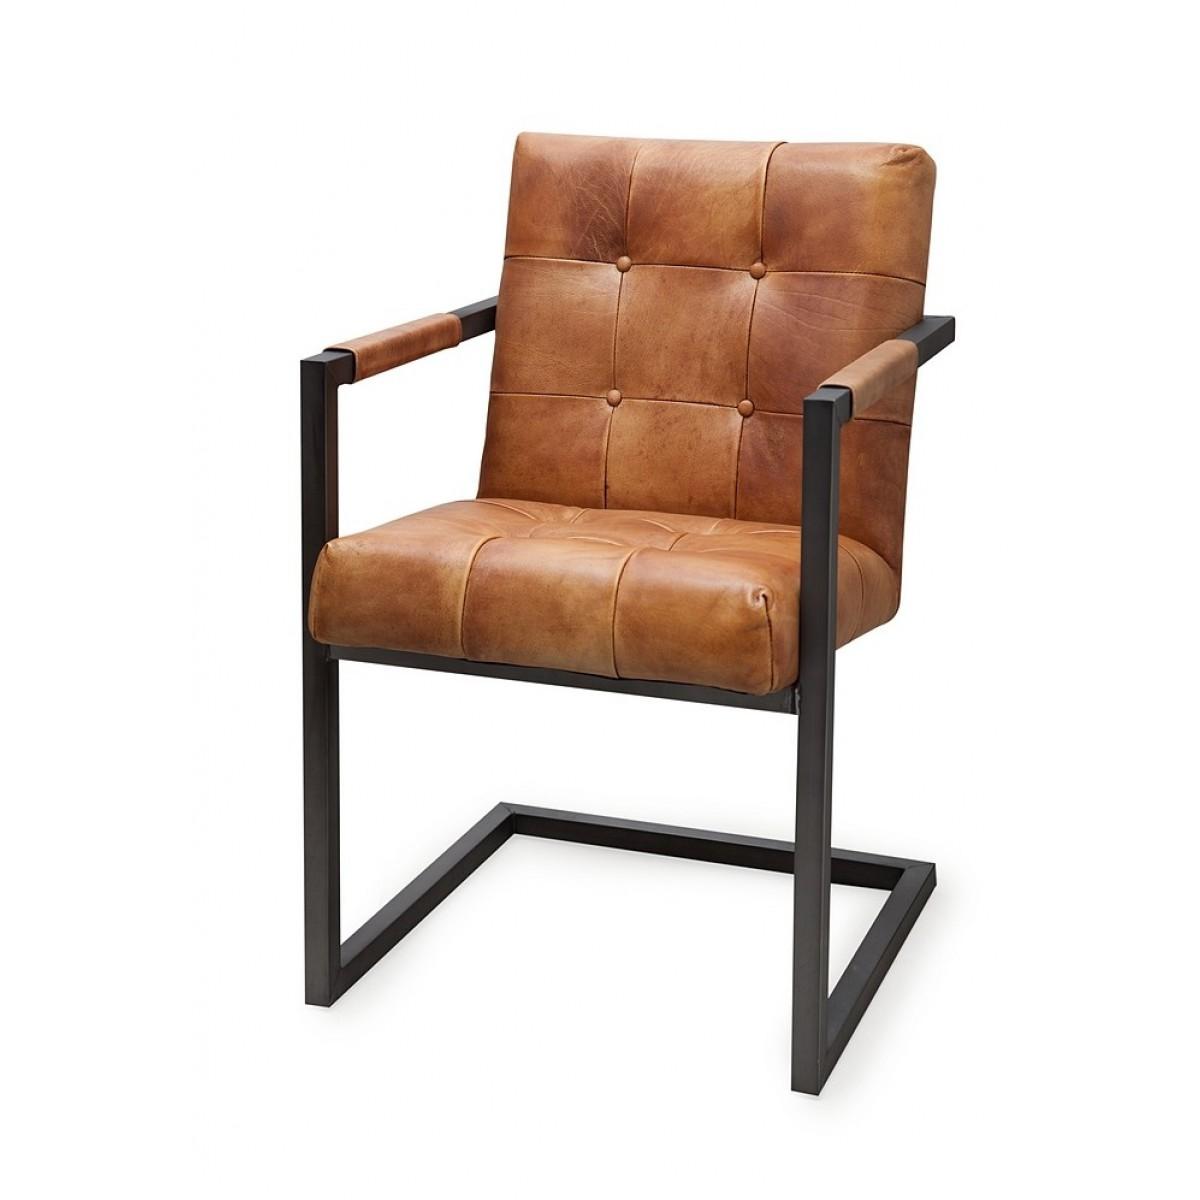 Badsal armstoel leer i live design for Eettafel stoelen cognac